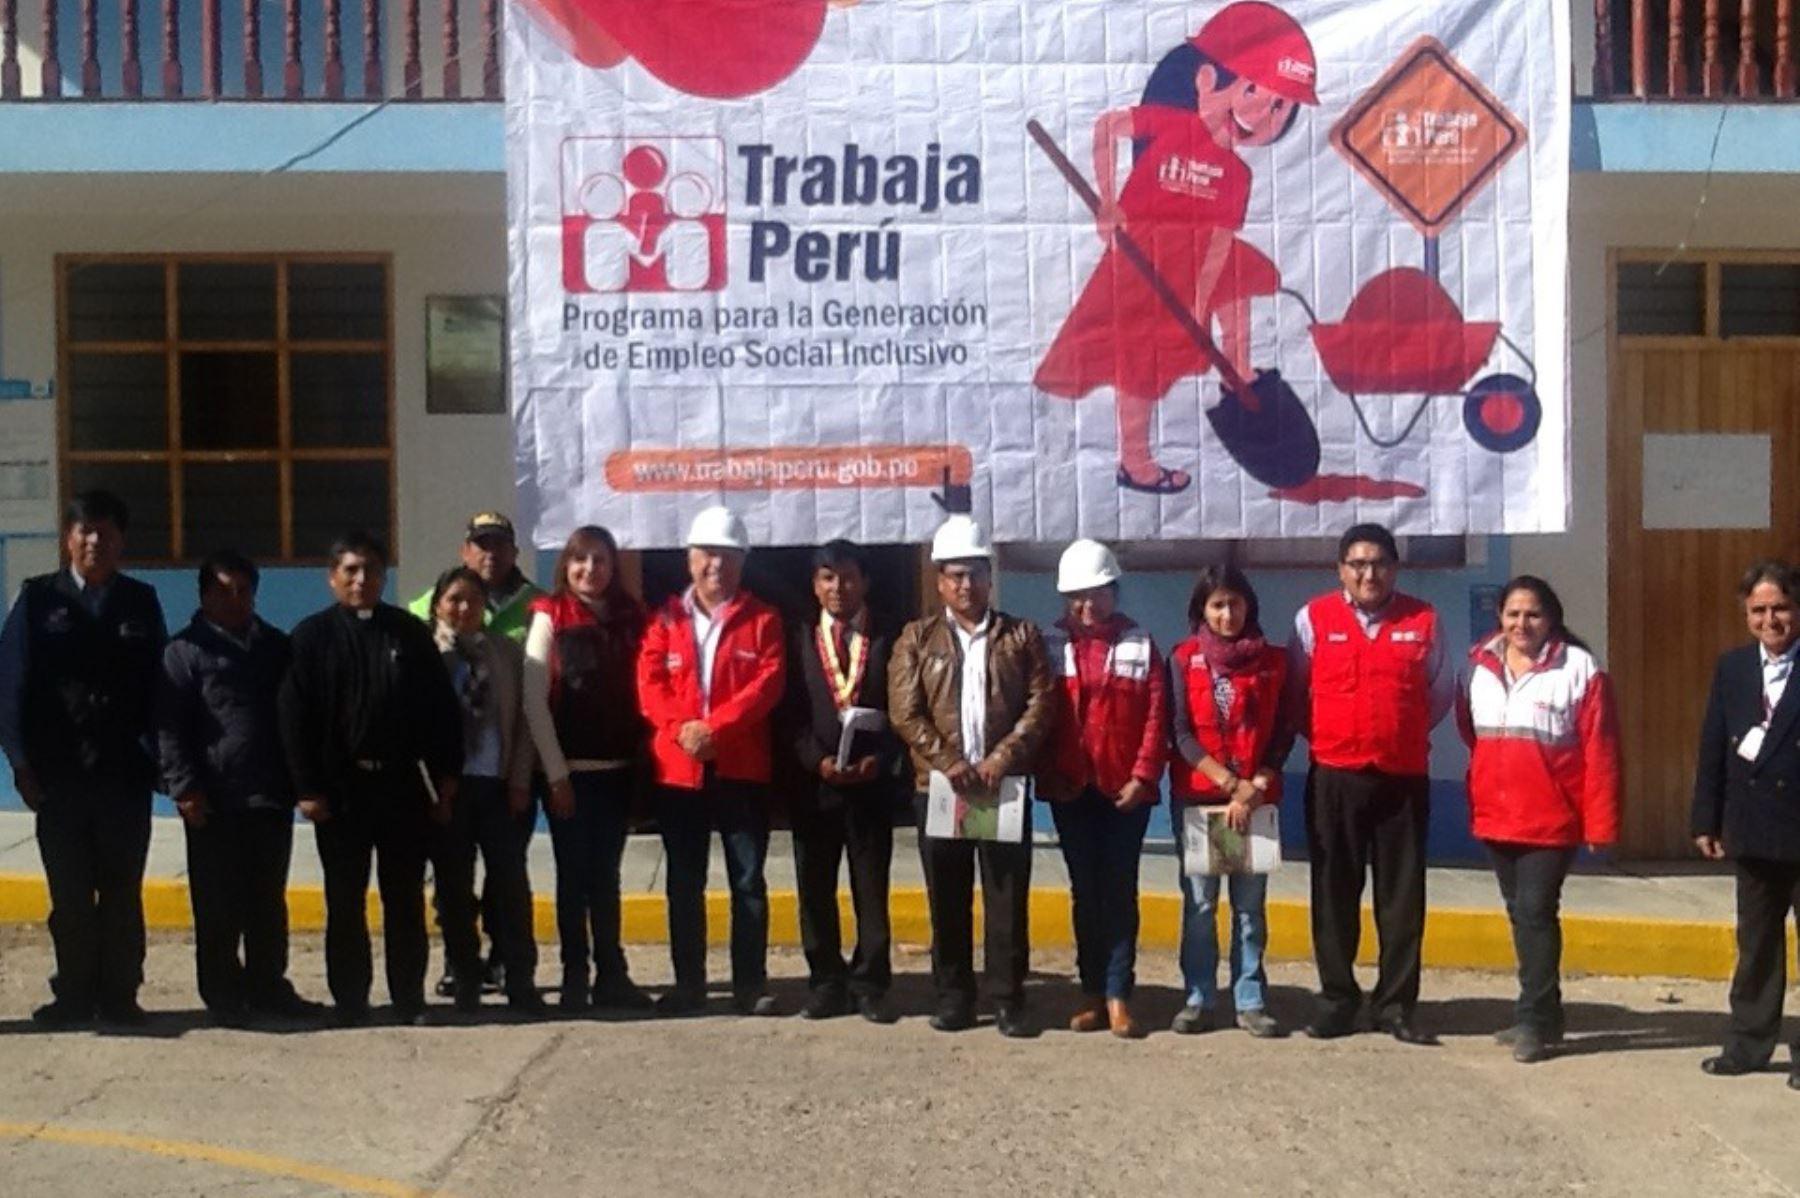 El viceministro de Promoción del Empleo y Capacitación Laboral, Javier Palacios, visitó el distrito de Huamanguilla, en la región Ayacucho.